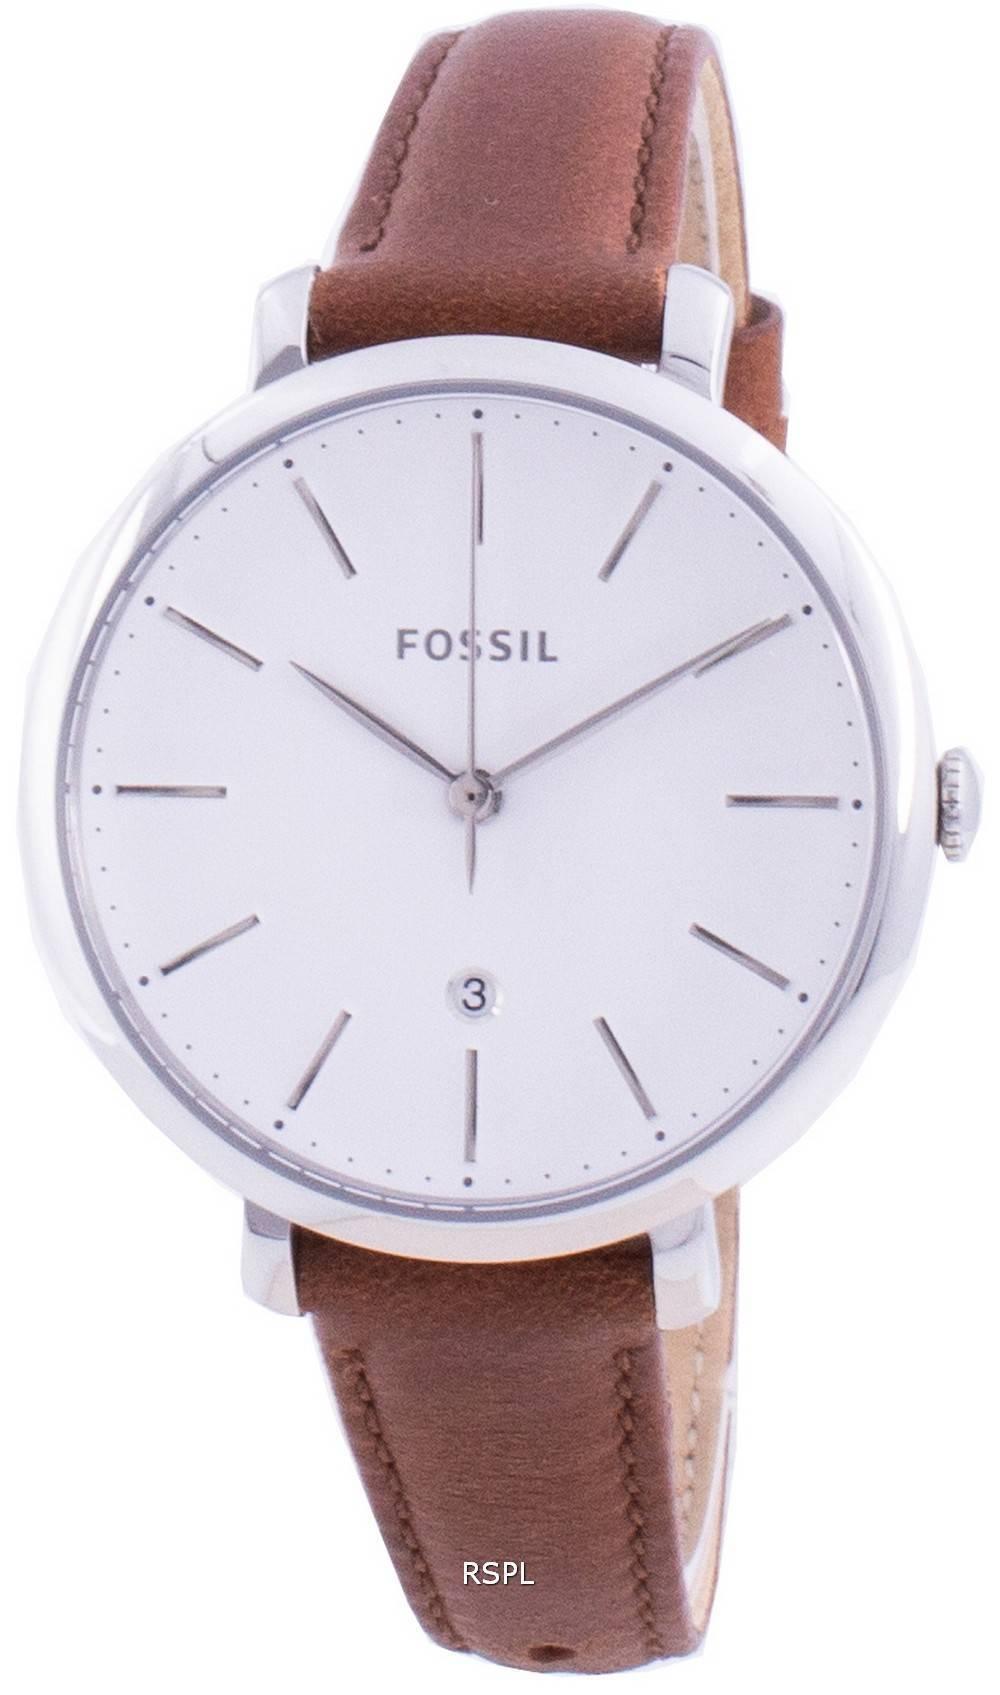 Fossil Jacqueline ES4368 Quartz Women's Watch